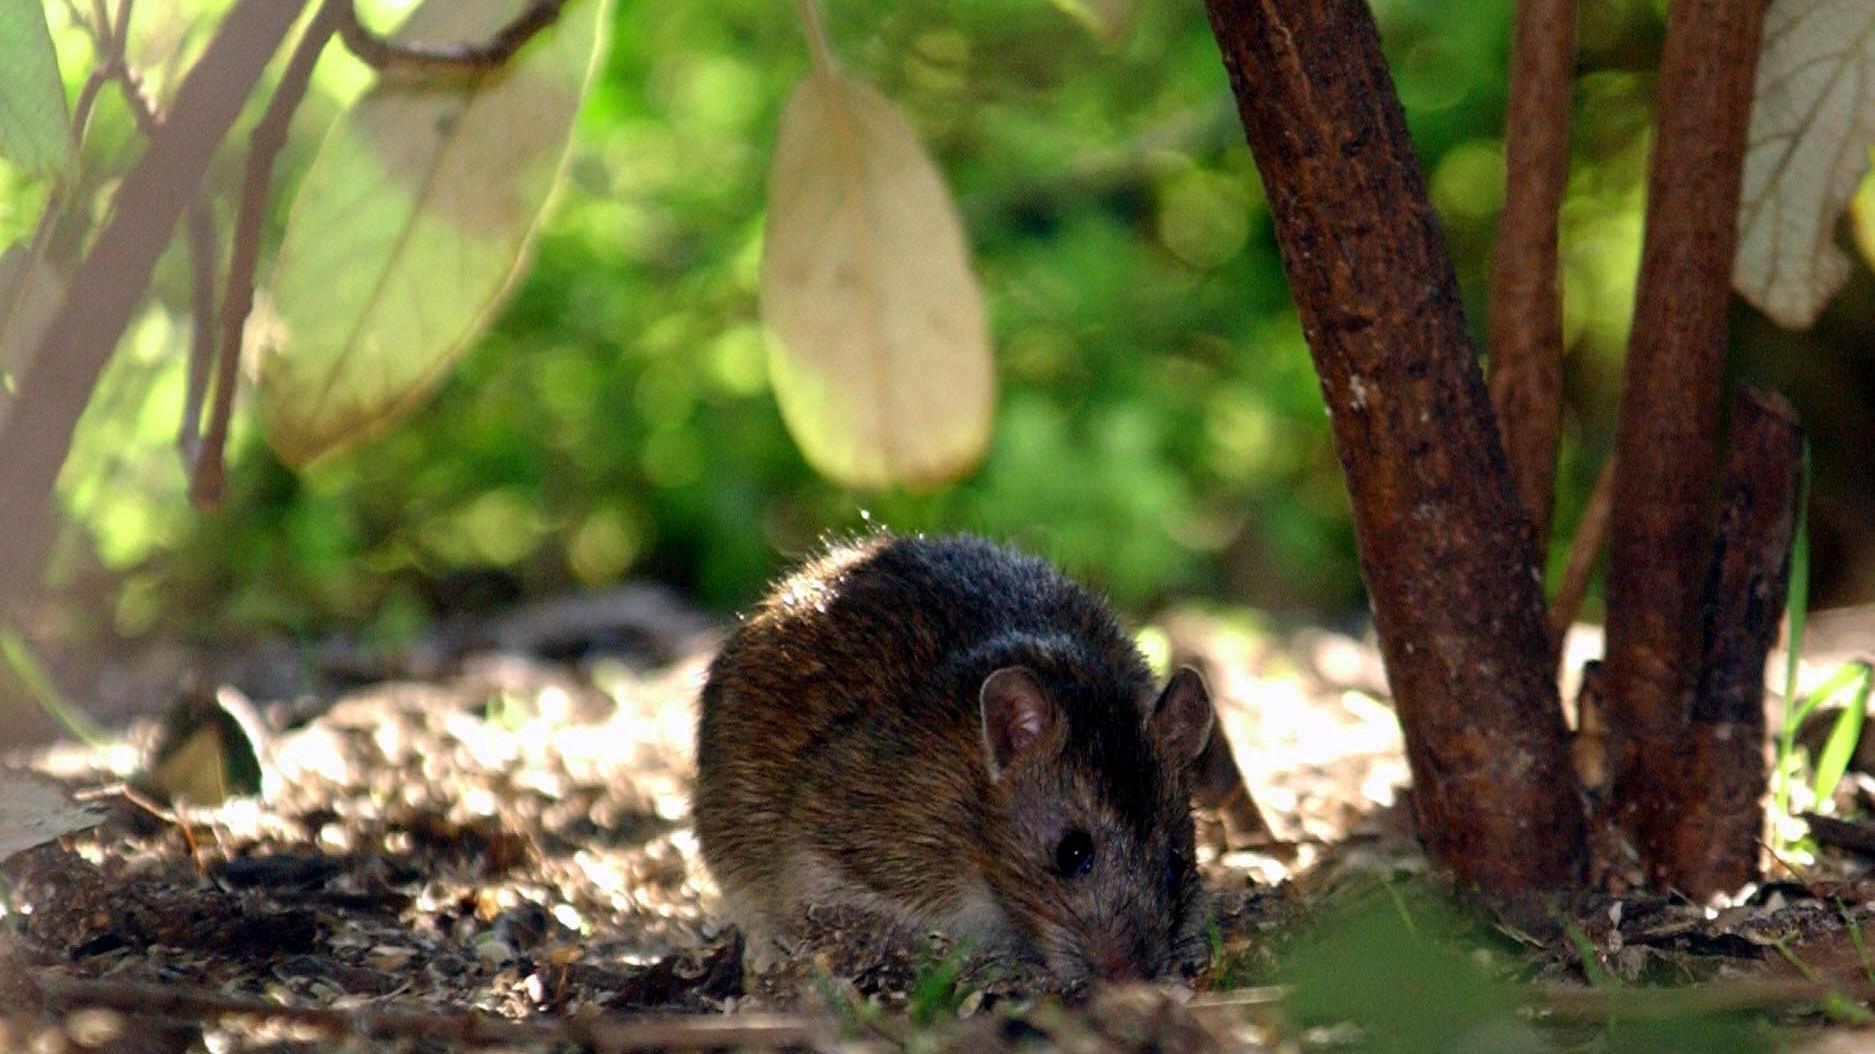 Ratten im Garten bekämpfen - die besten Tipps